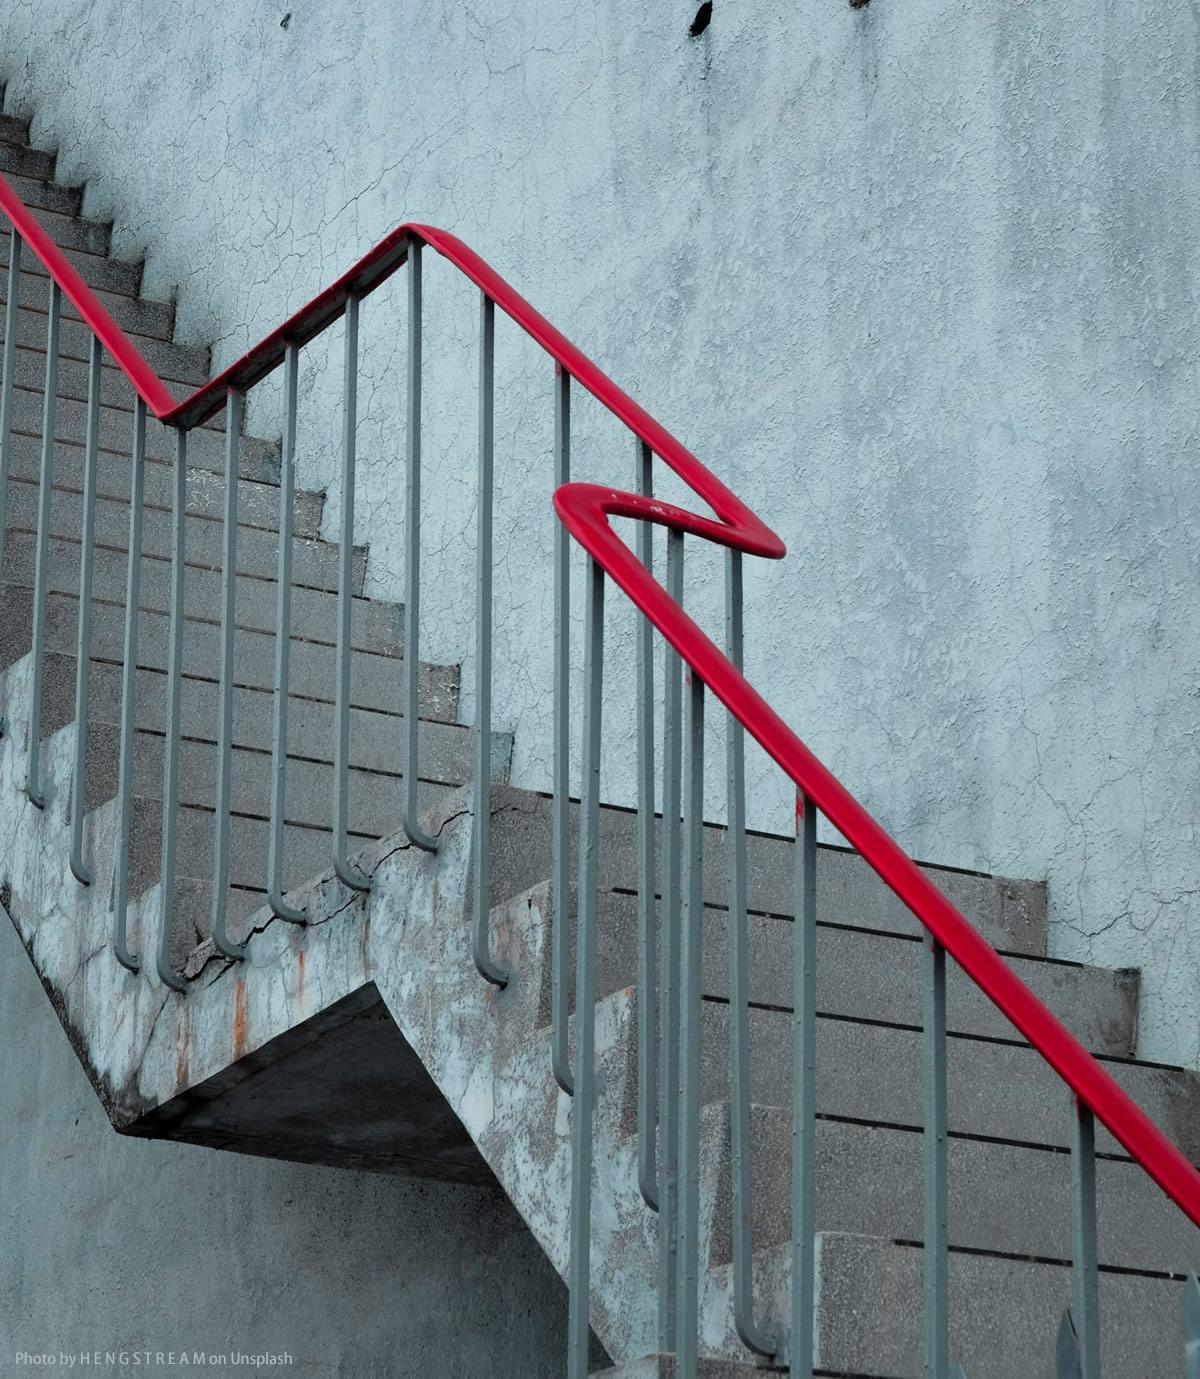 Budgetberatung - Budgetplanung: Schritt für Schritt